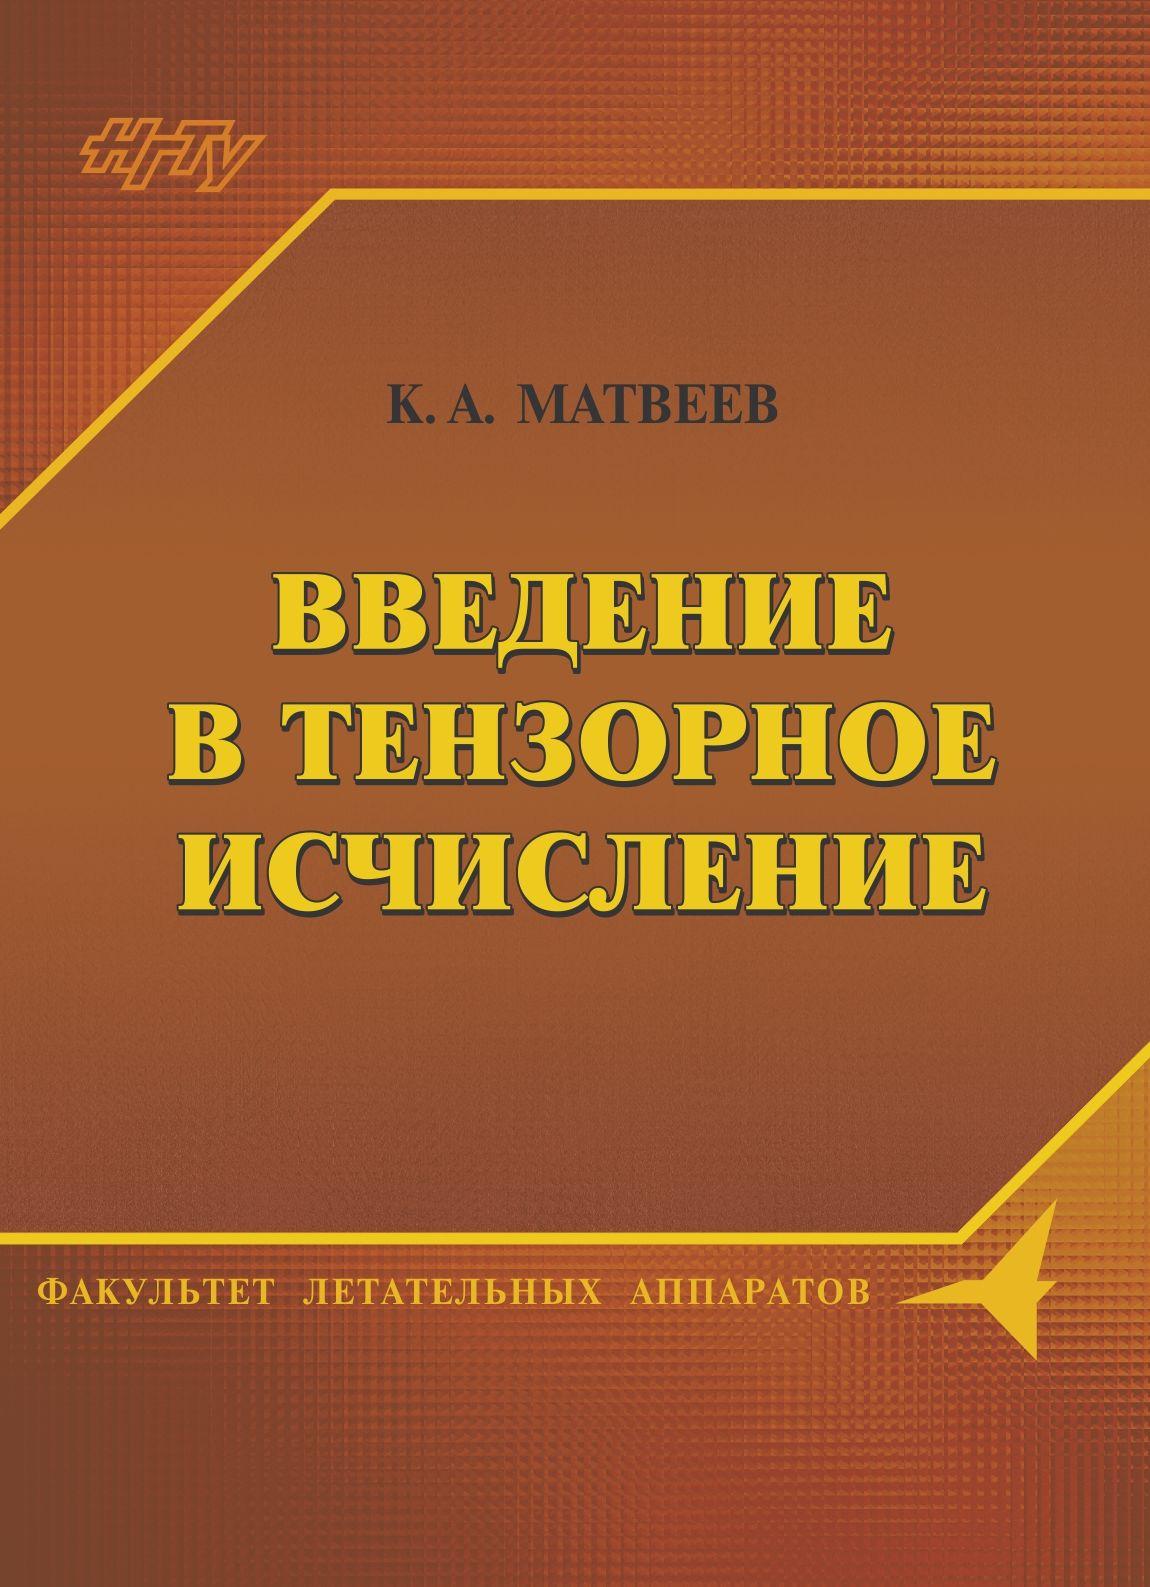 К. А. Матвеев Введение в тензорное исчисление. Конспект лекций цена